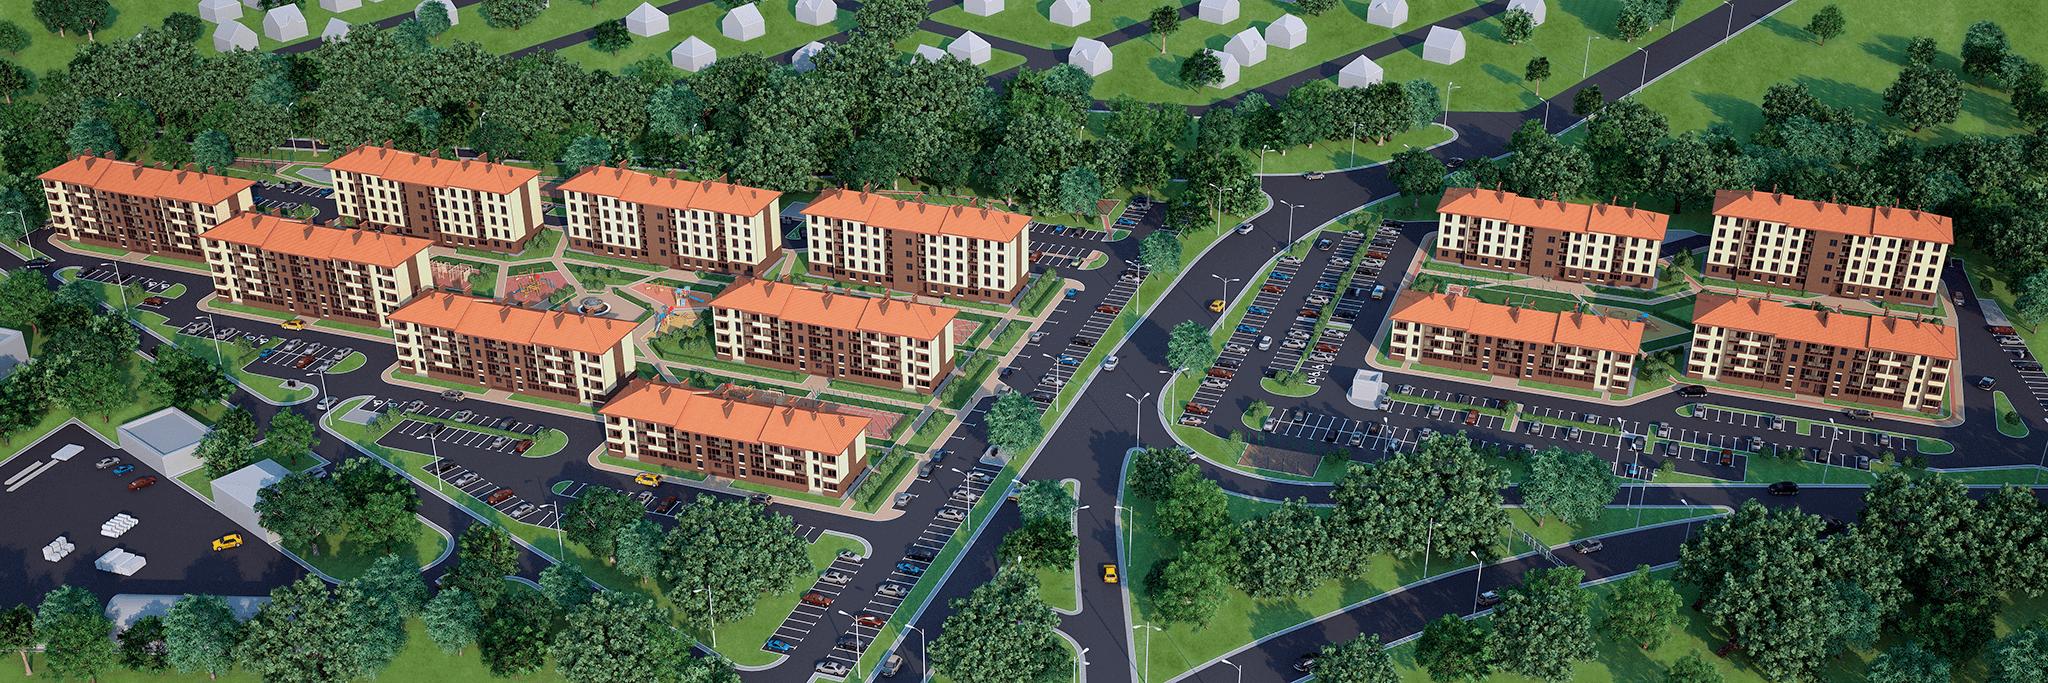 Новогоднее предложение: квартиры с выгодой до 240 тысяч рублей!